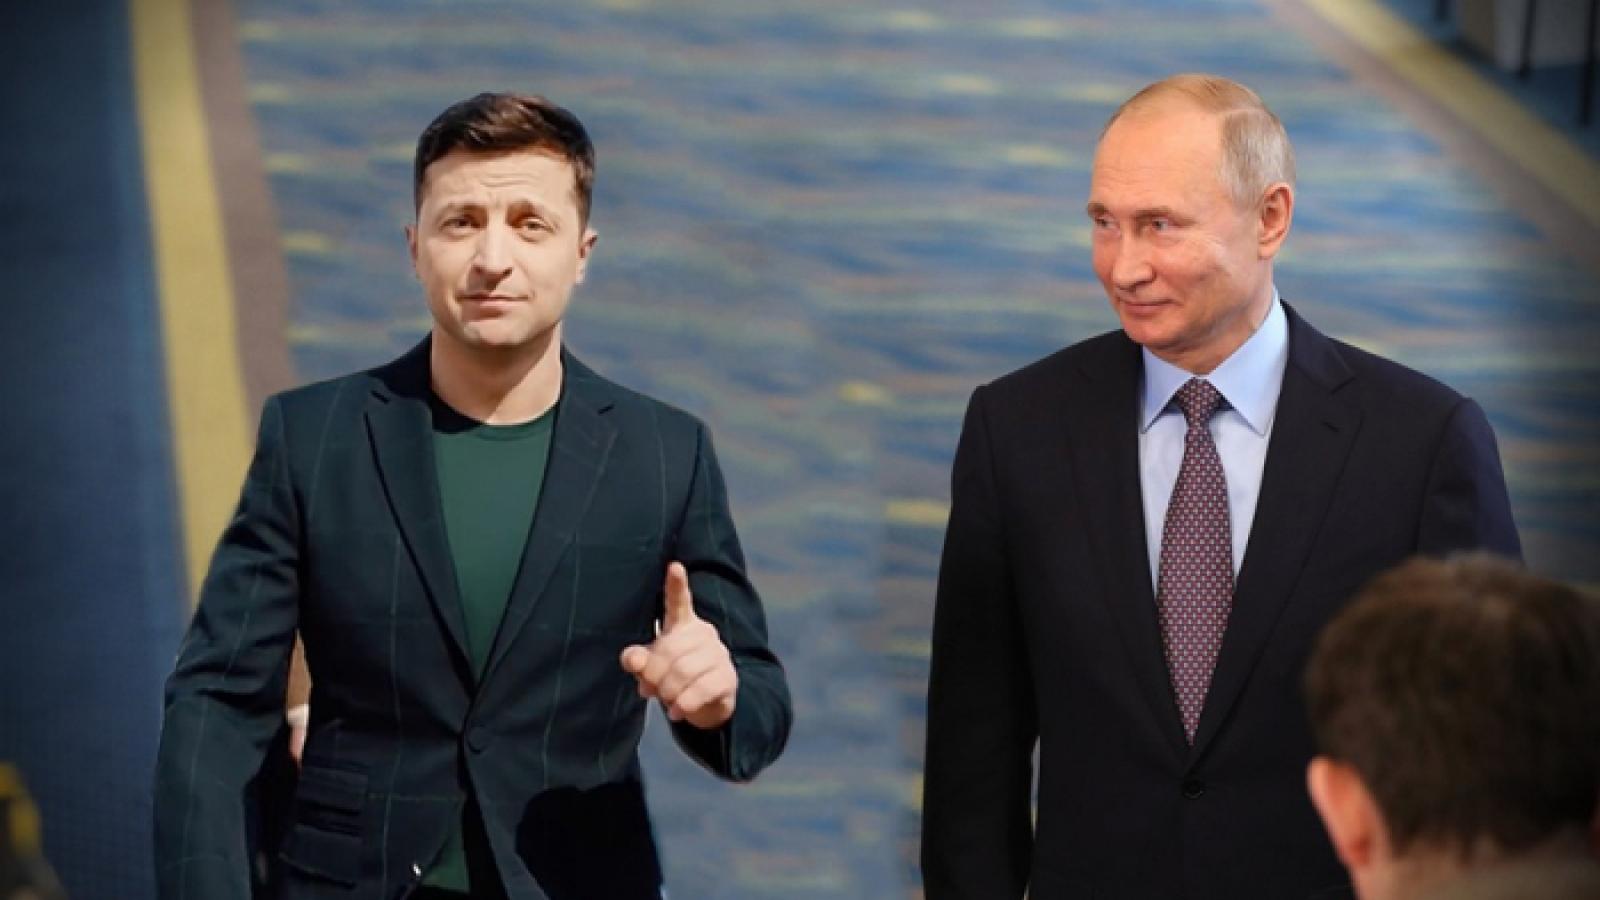 Tổng thống Ukraine đề nghị đàm phán hòa bình - Cơ hội hạ nhiệt căng thẳng?